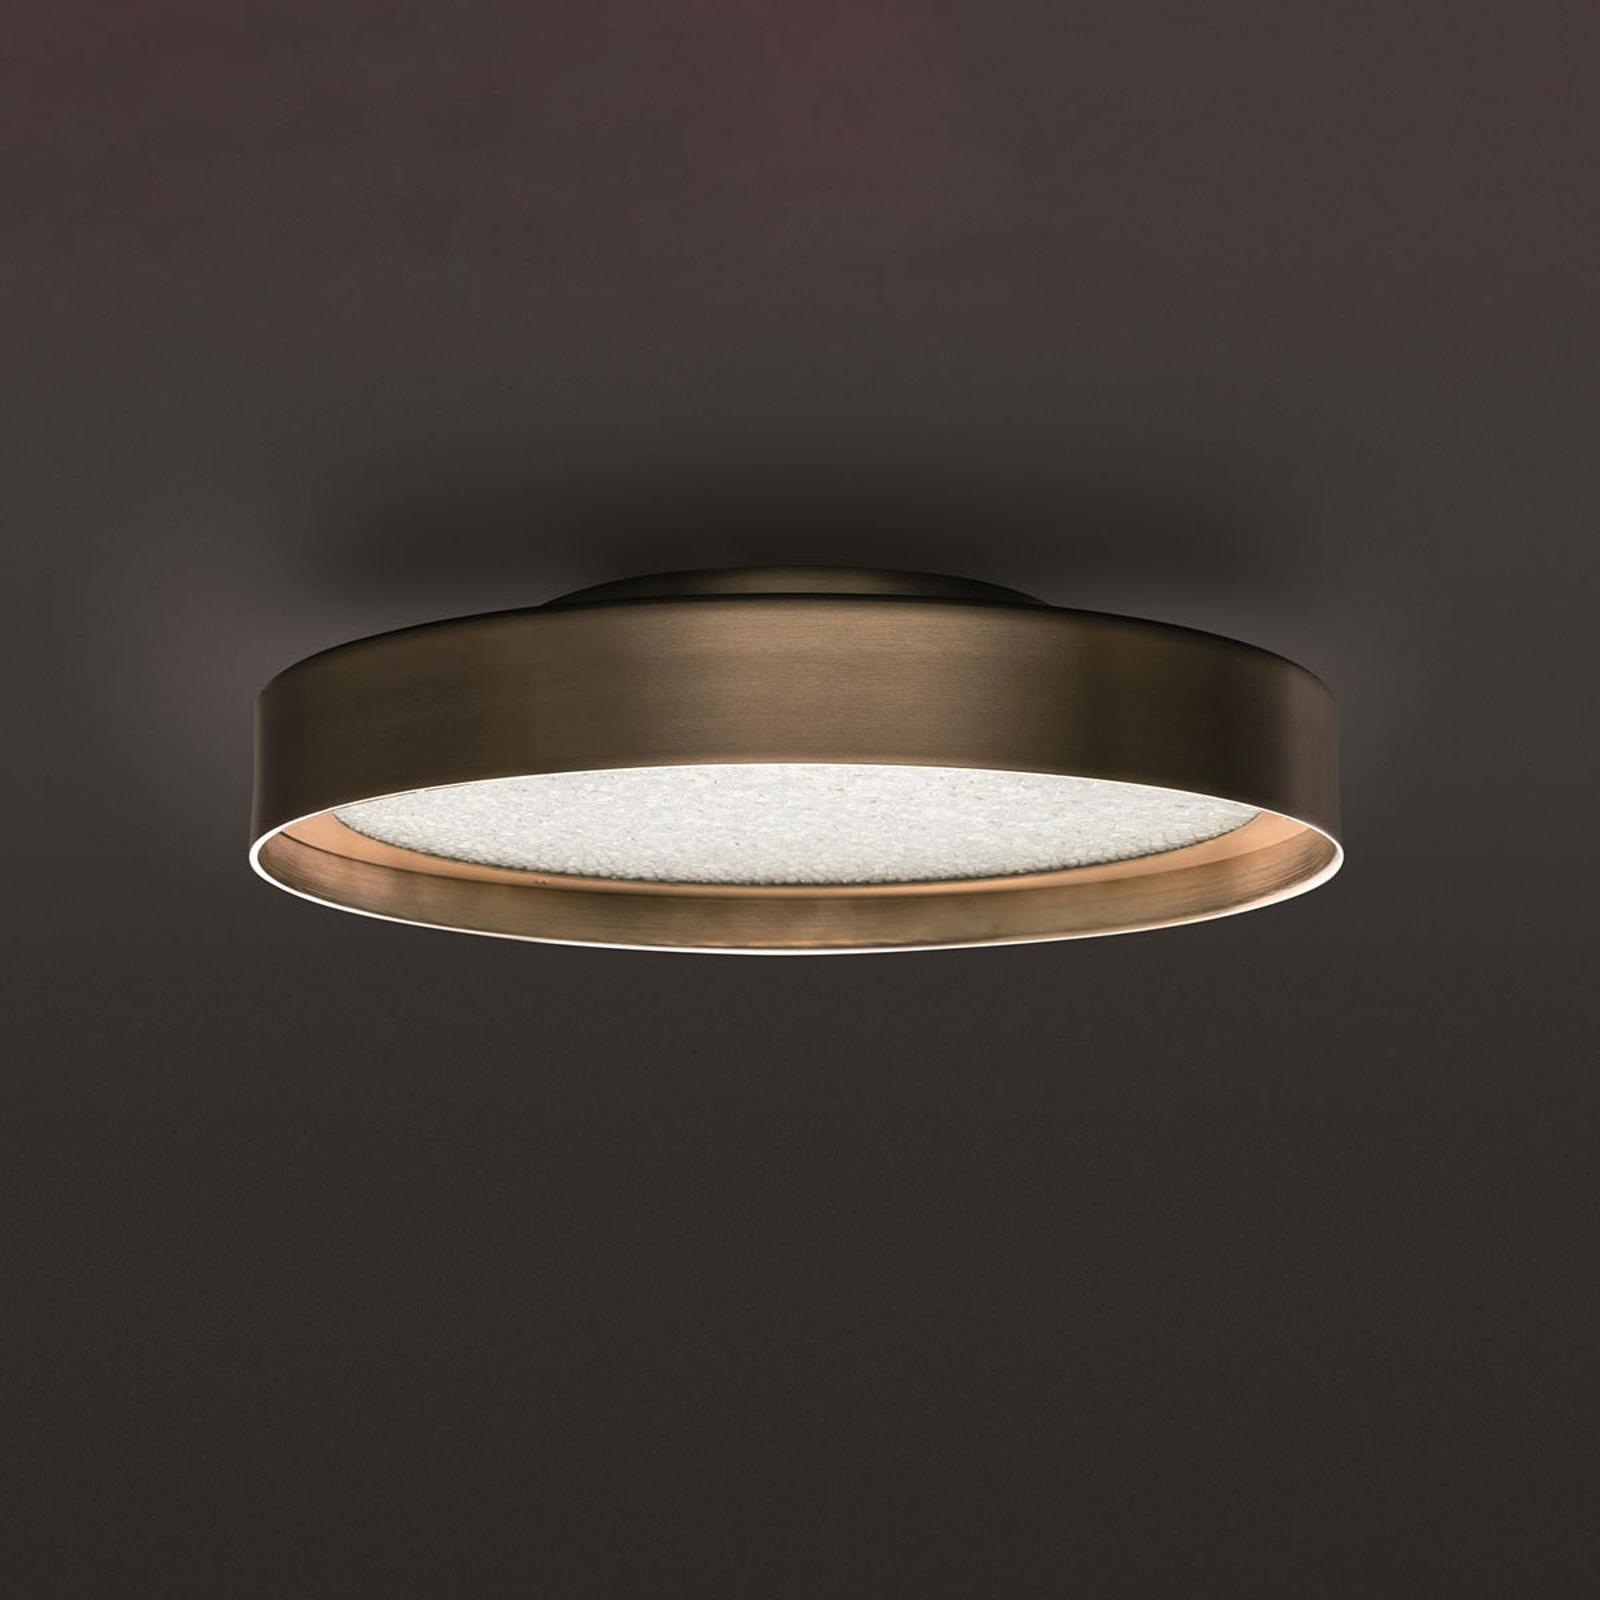 Oluce Berlin loftlampe, diameter 30 cm